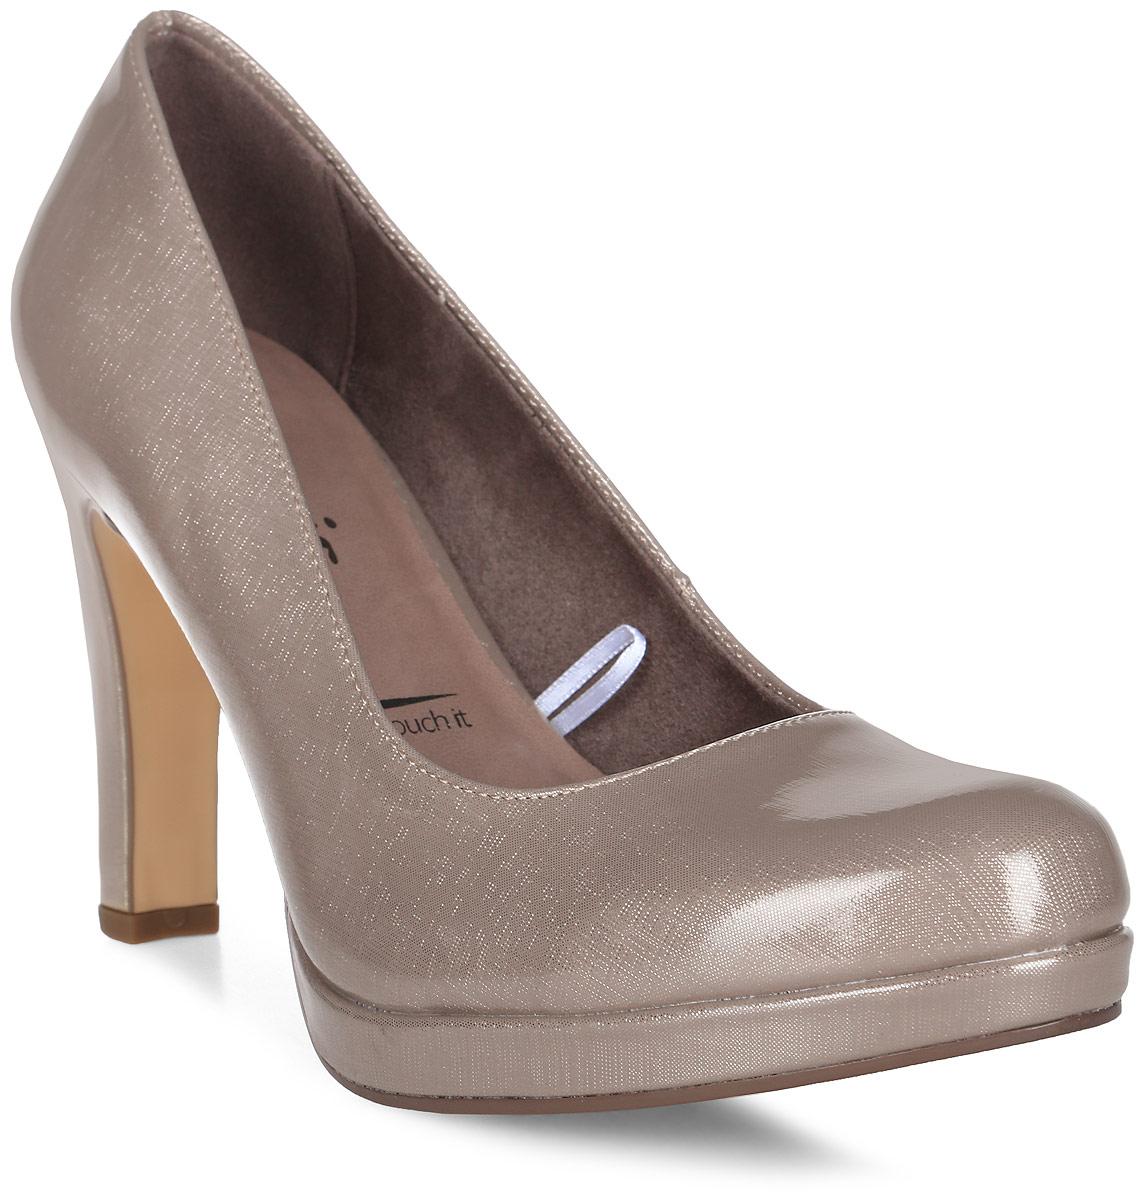 Туфли женские Tamaris, цвет: бежевый. 1-1-22426-29-405/229. Размер 39